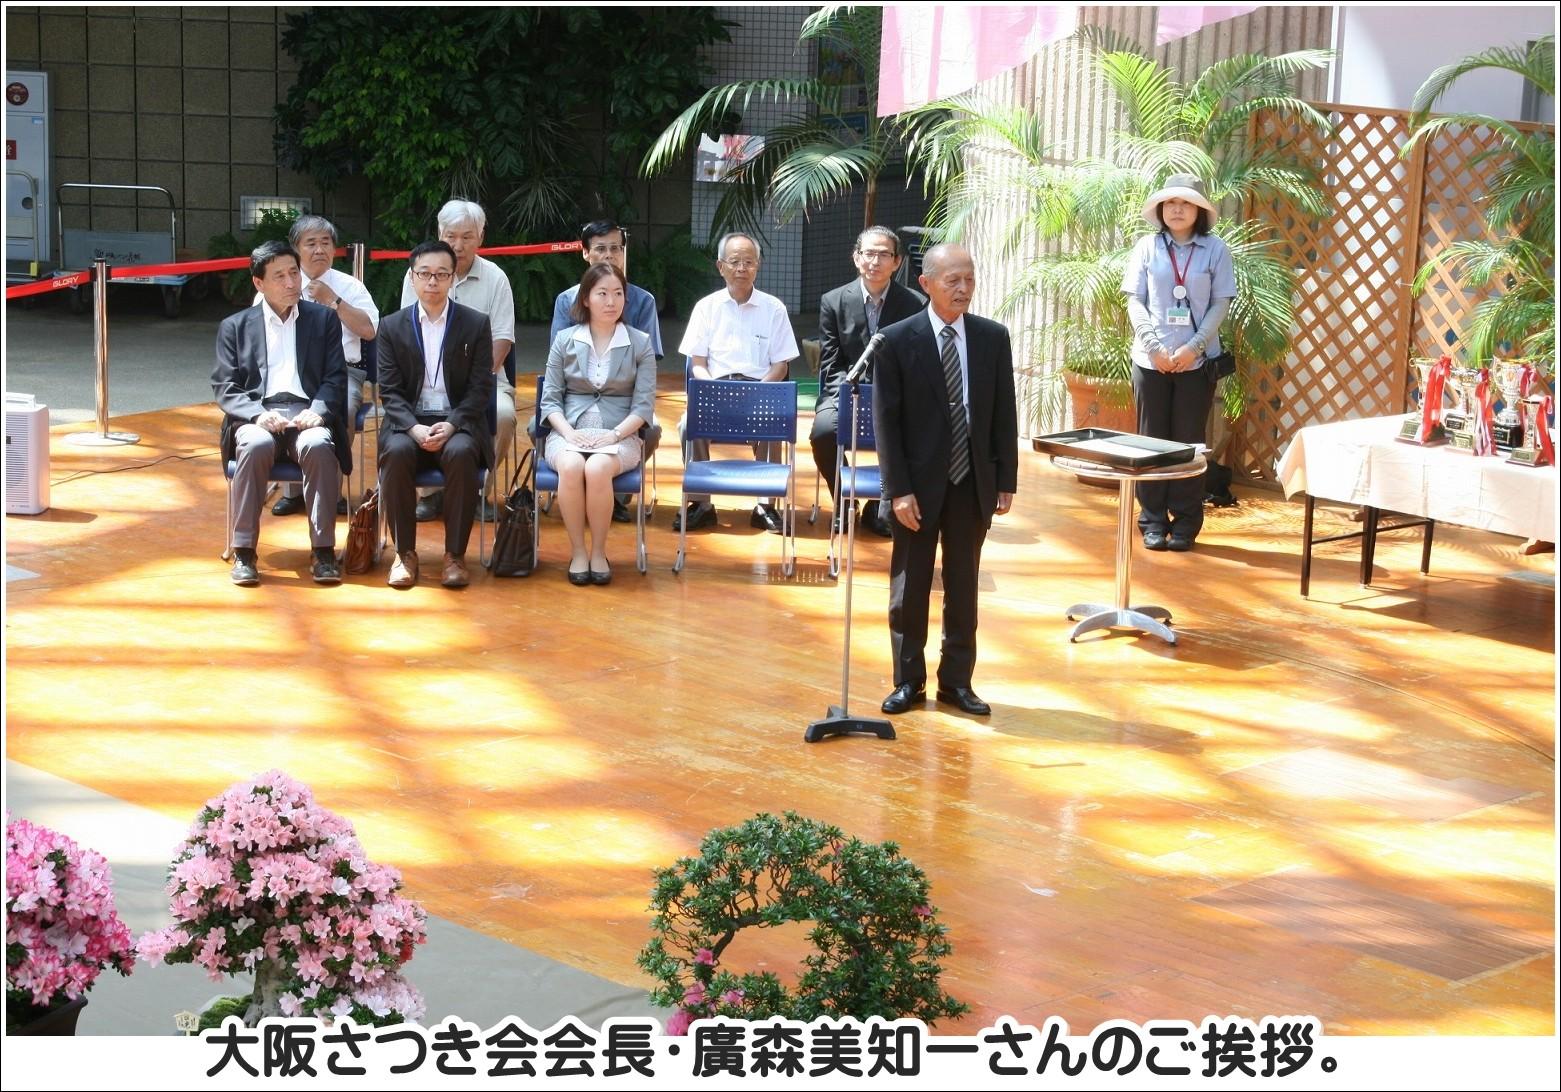 大阪さつき会会長 廣森美知一さんのご挨拶。